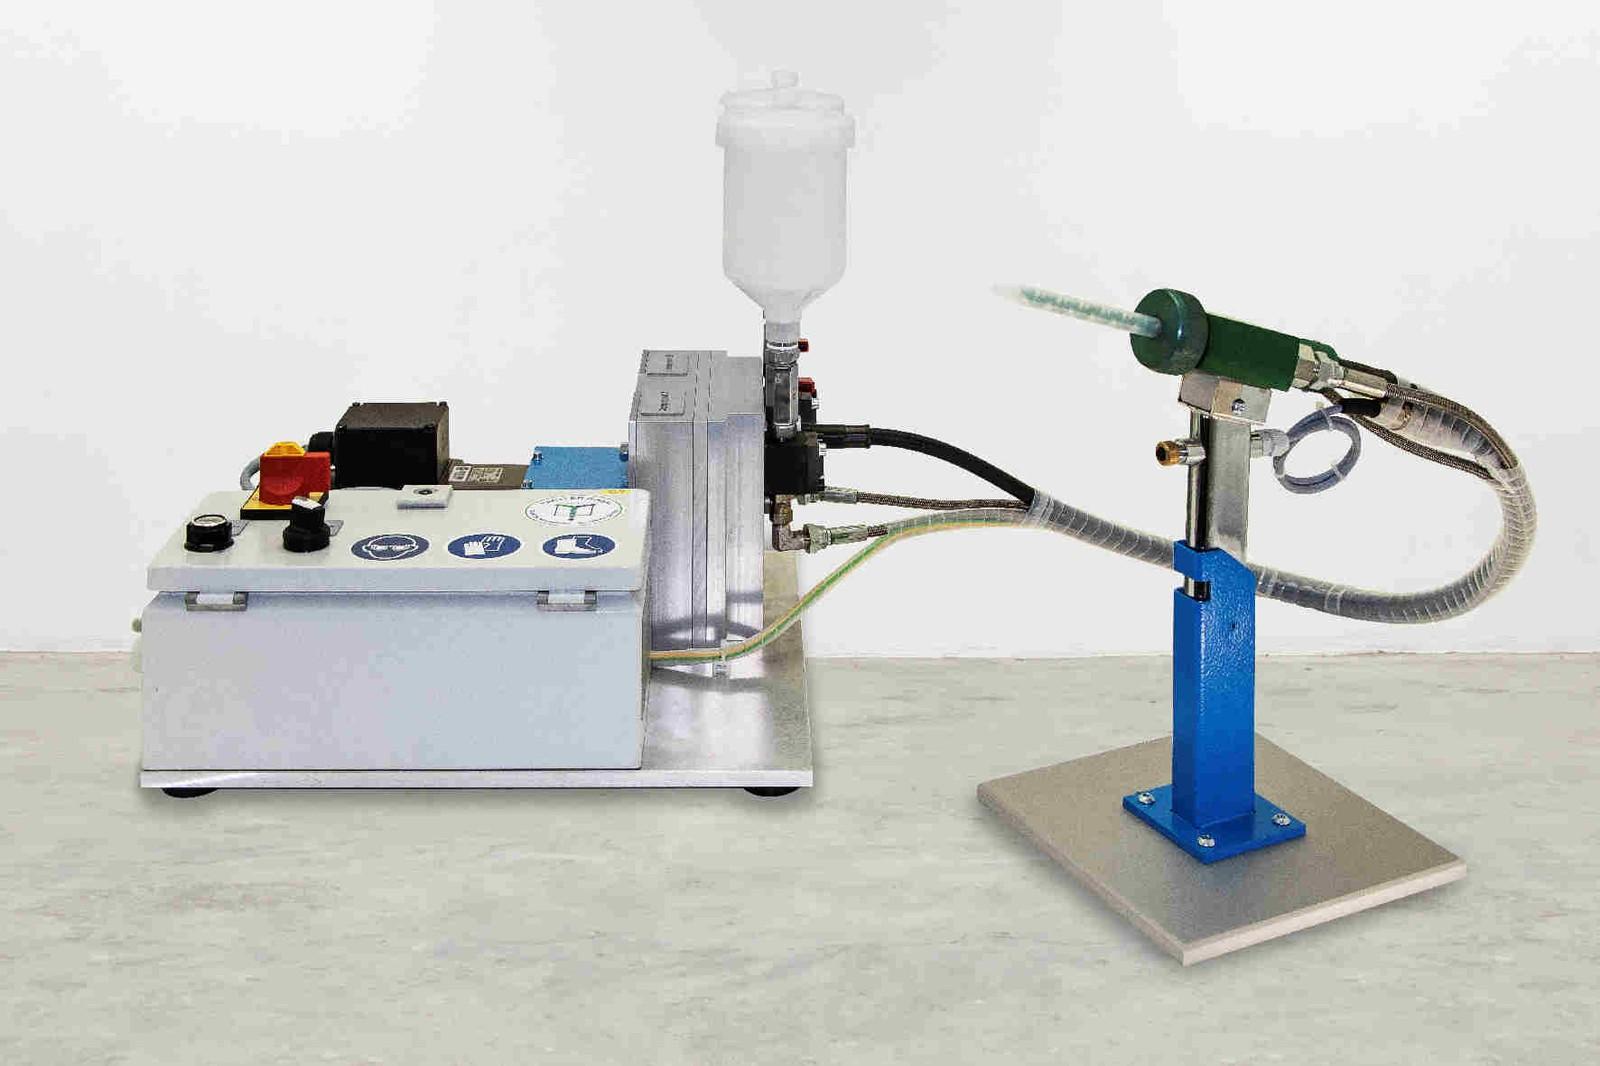 Mit der neu aufgelegten MDM 4 aus der bewährten MDM-Baureihe zeigt Tartler ein vielseitig einsetzbares Tischgerät, mit der sich flüssige und niederviskose Medien präzise und effizient dosieren und mischen lassen.